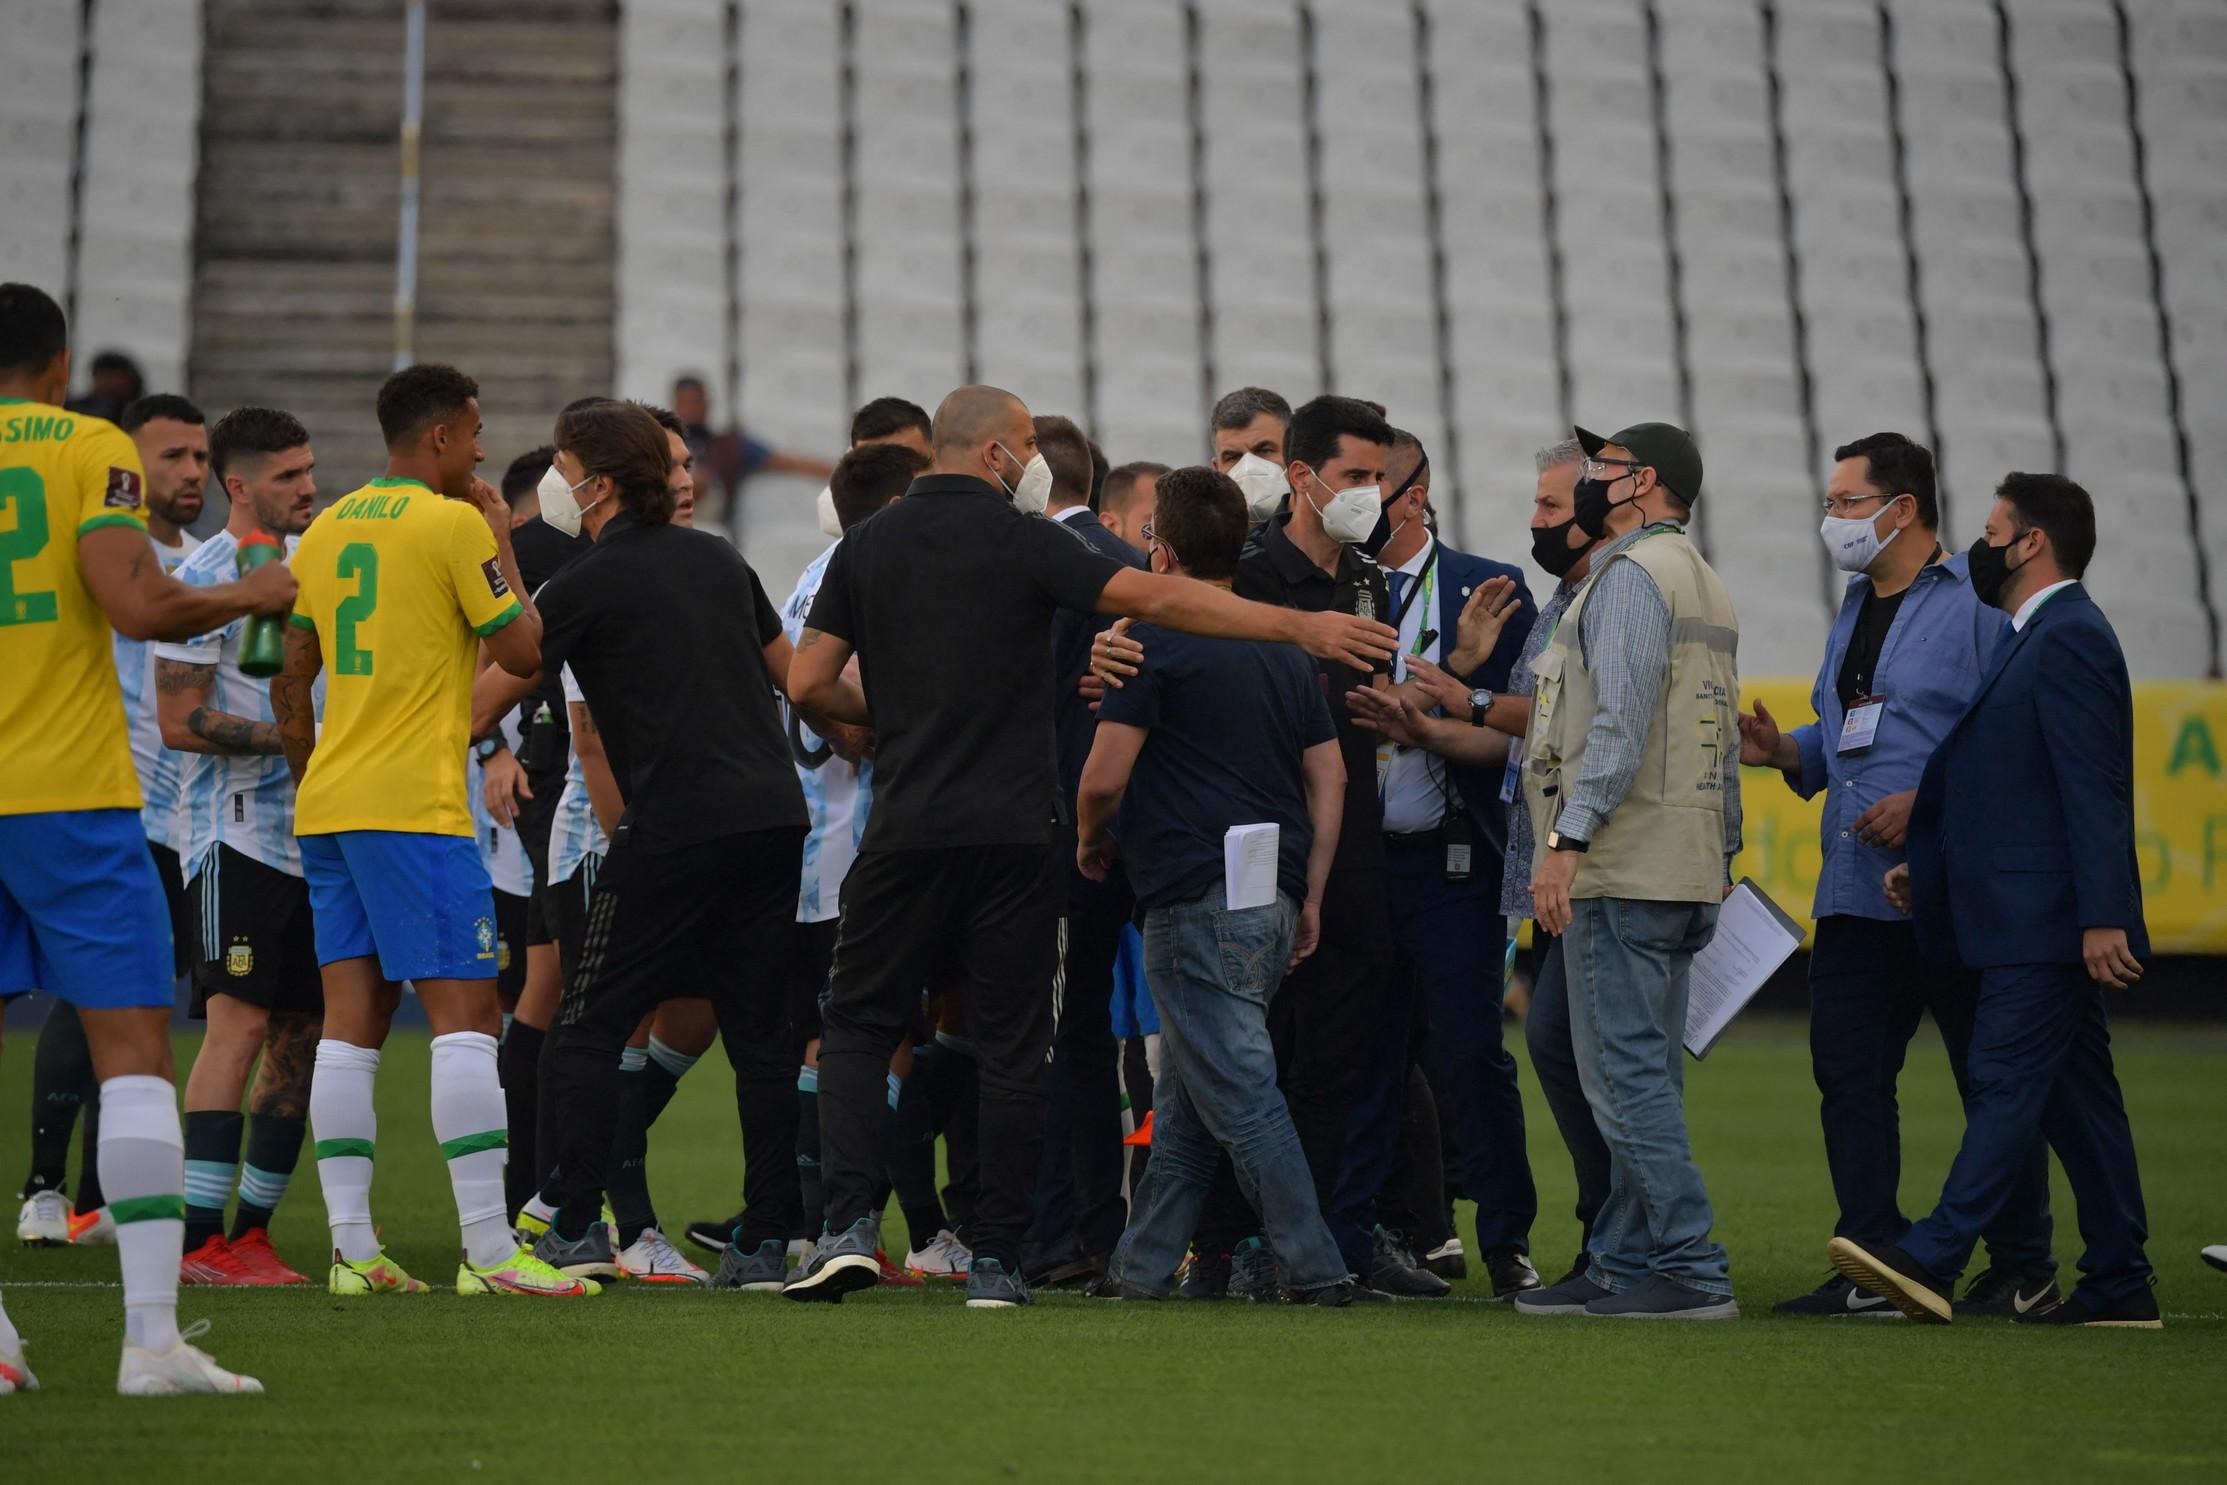 Non &egrave; durata nemmeno cinque minuti la sfida tra Brasile e Argentina. Durante lo svolgimento della partita, alcuni membri dell&rsquo;Anvisa (autorit&agrave; nazionale brasiliana) sono entrati in campo per sospendere l&rsquo;incontro, chiedendo che venissero allontanati quattro calciatori argentini, rei di non aver rispettato l&rsquo;isolamento e le norme contro il coronavirus. L&rsquo;Albiceleste ha abbandonato il campo sullo 0-0, attendendo nuove disposizioni.&nbsp;<br /><br />